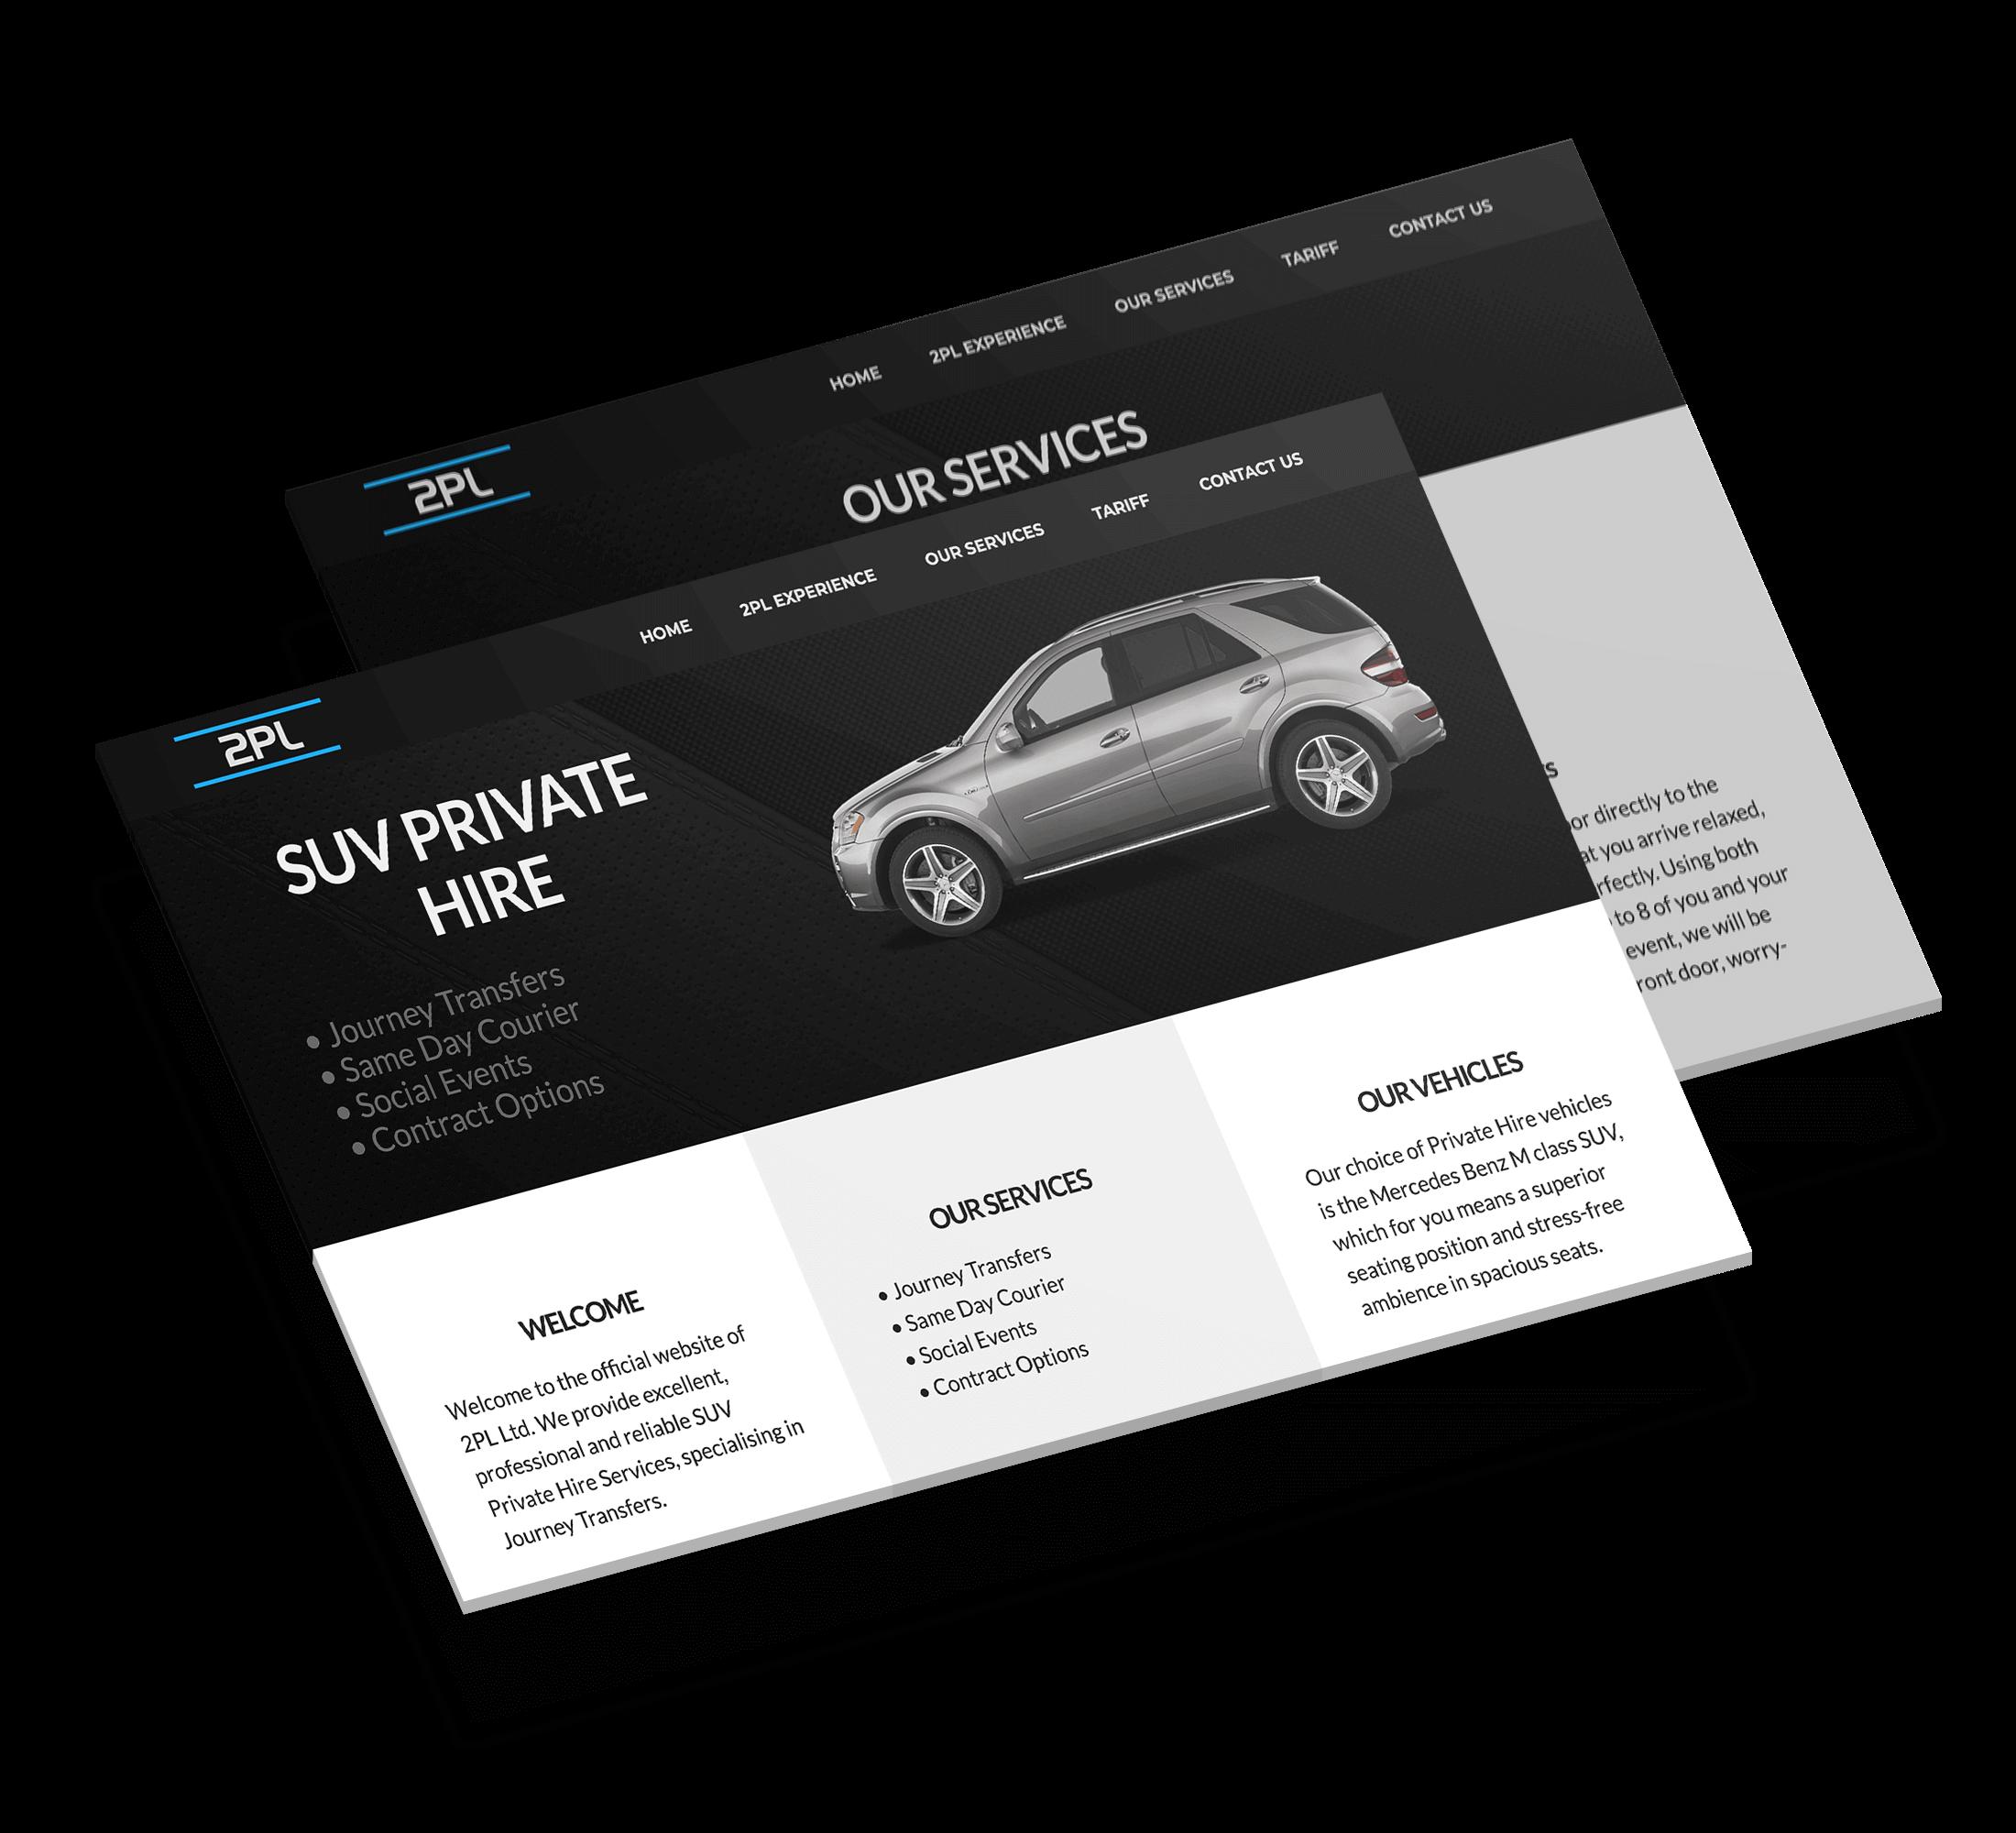 2PL - web design